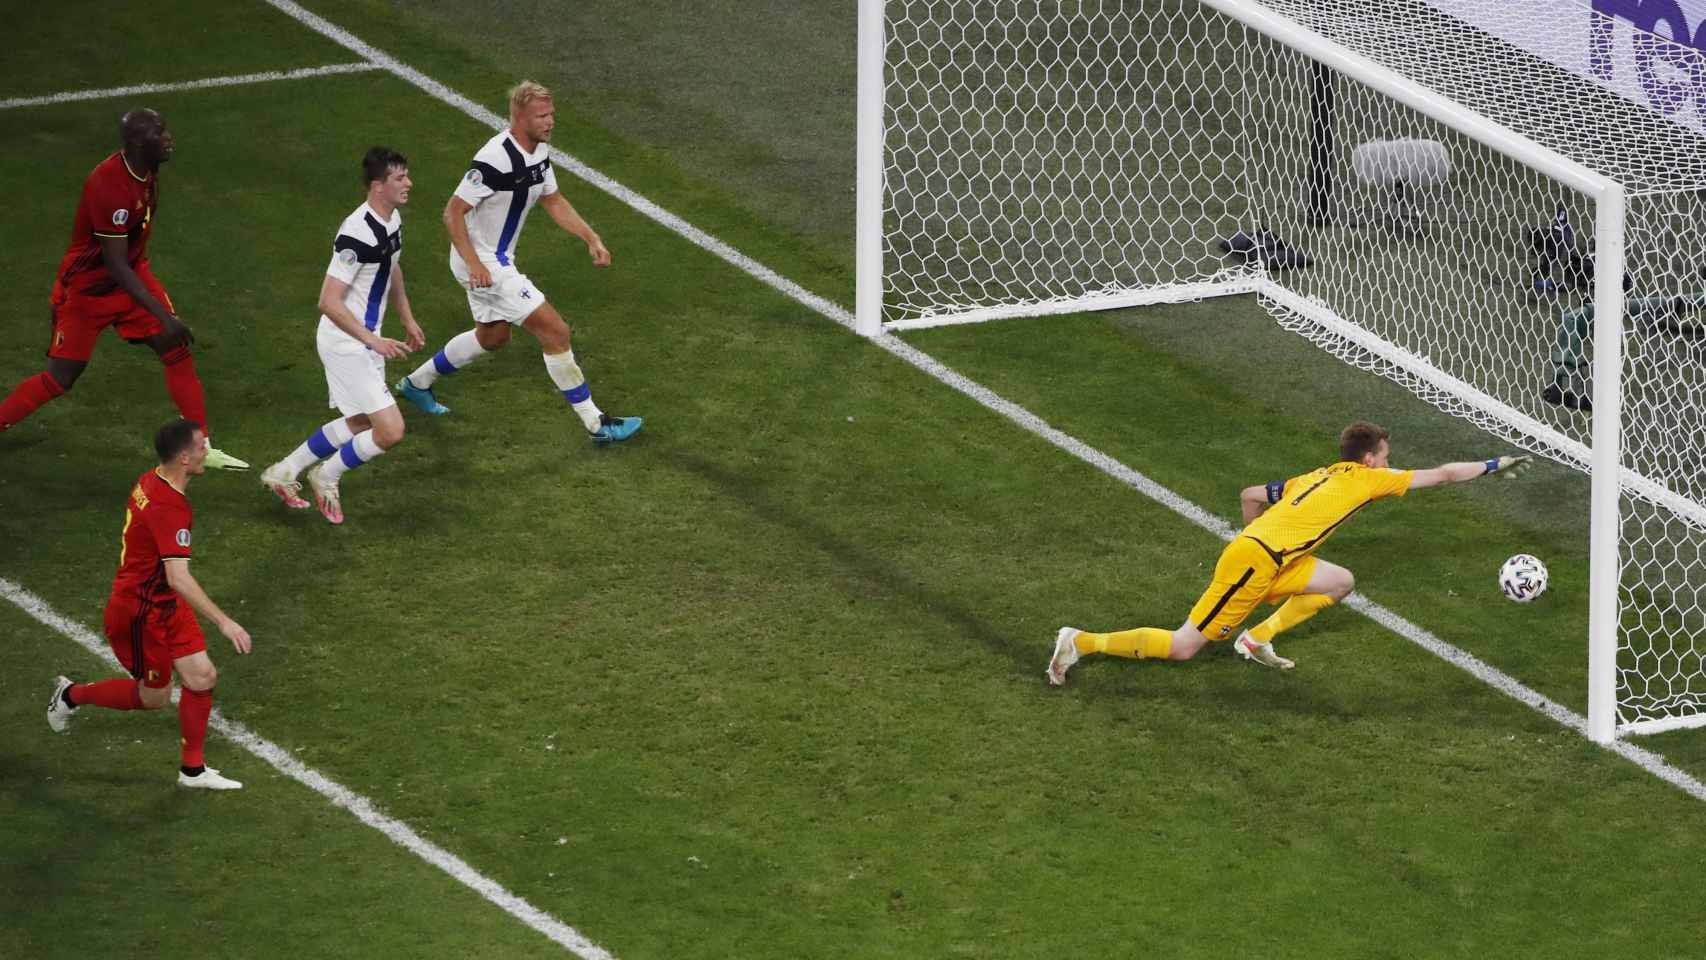 Hradecky no puede evitar que el balón se meta en su portería